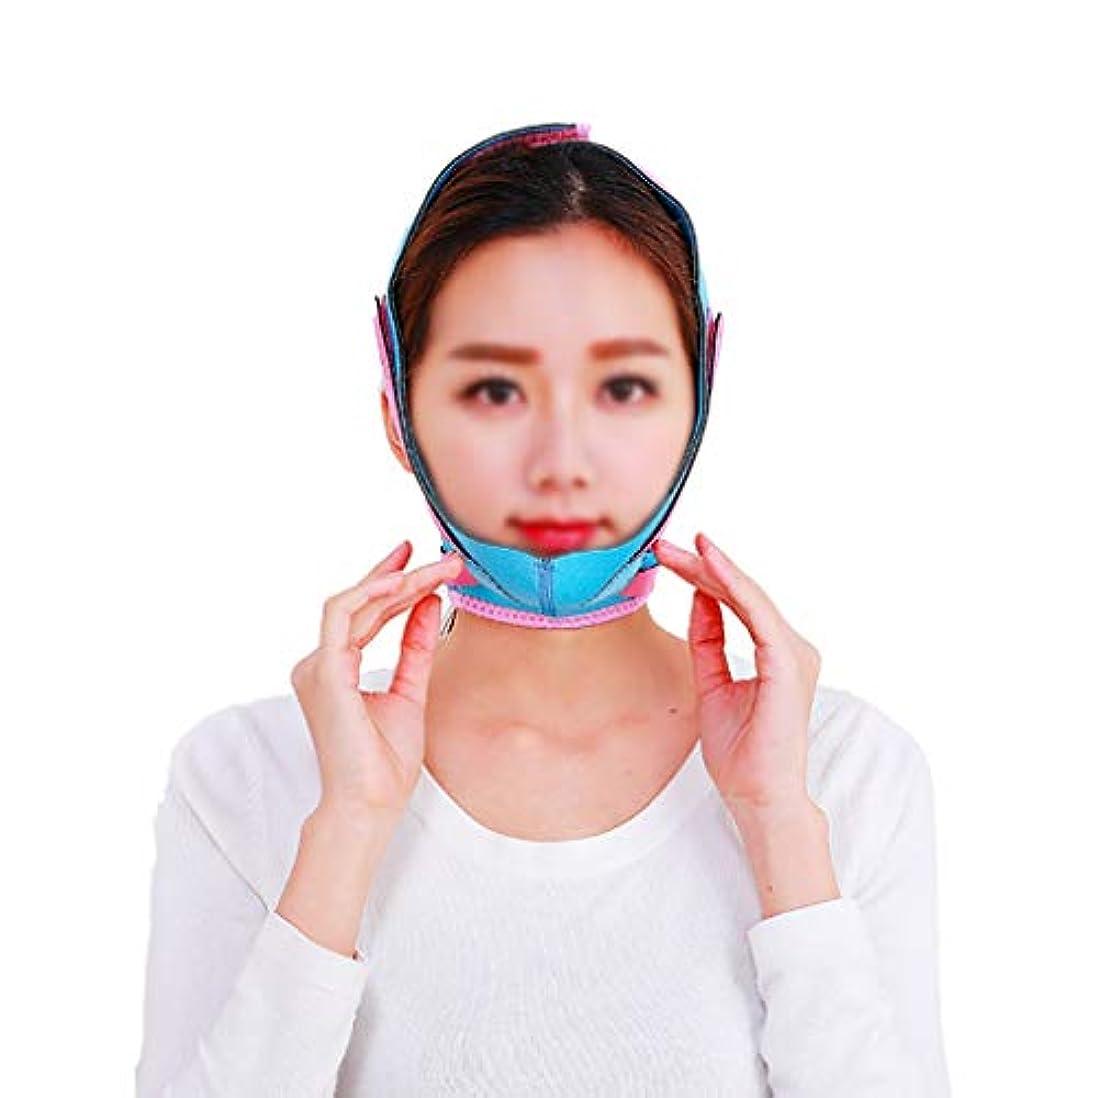 強制成功舗装するXHLMRMJ フェイス&ネックリフト、男性と女性のフェイスリフトアーチファクトシュリンクマスクは、輪郭の浮き彫りドループマッスル引き締め肌の弾力性のあるVフェイス包帯を強化